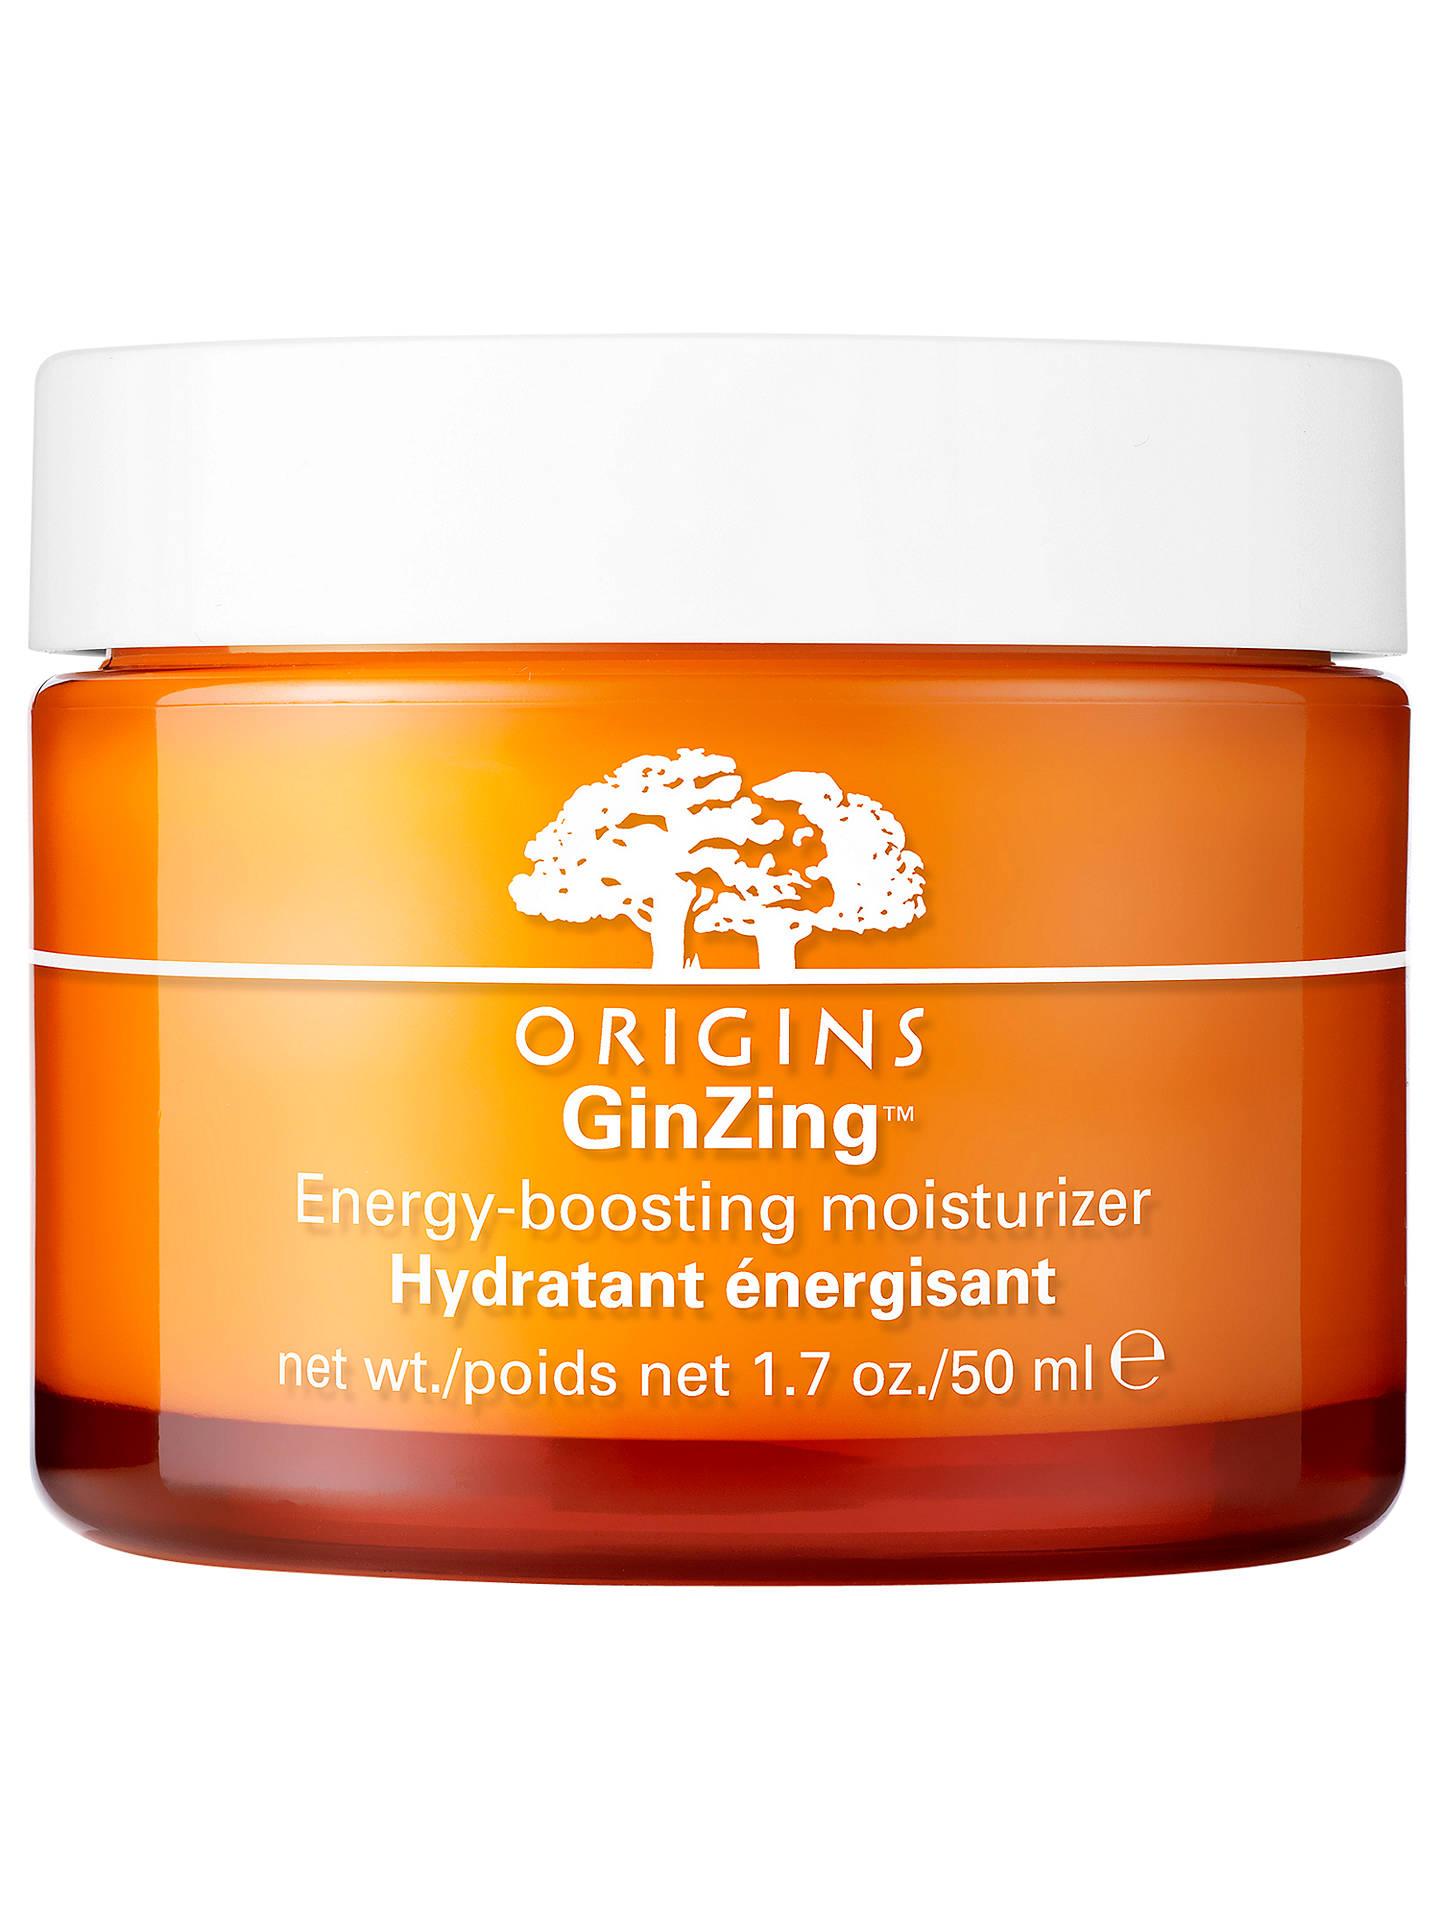 origins ginzing face cream